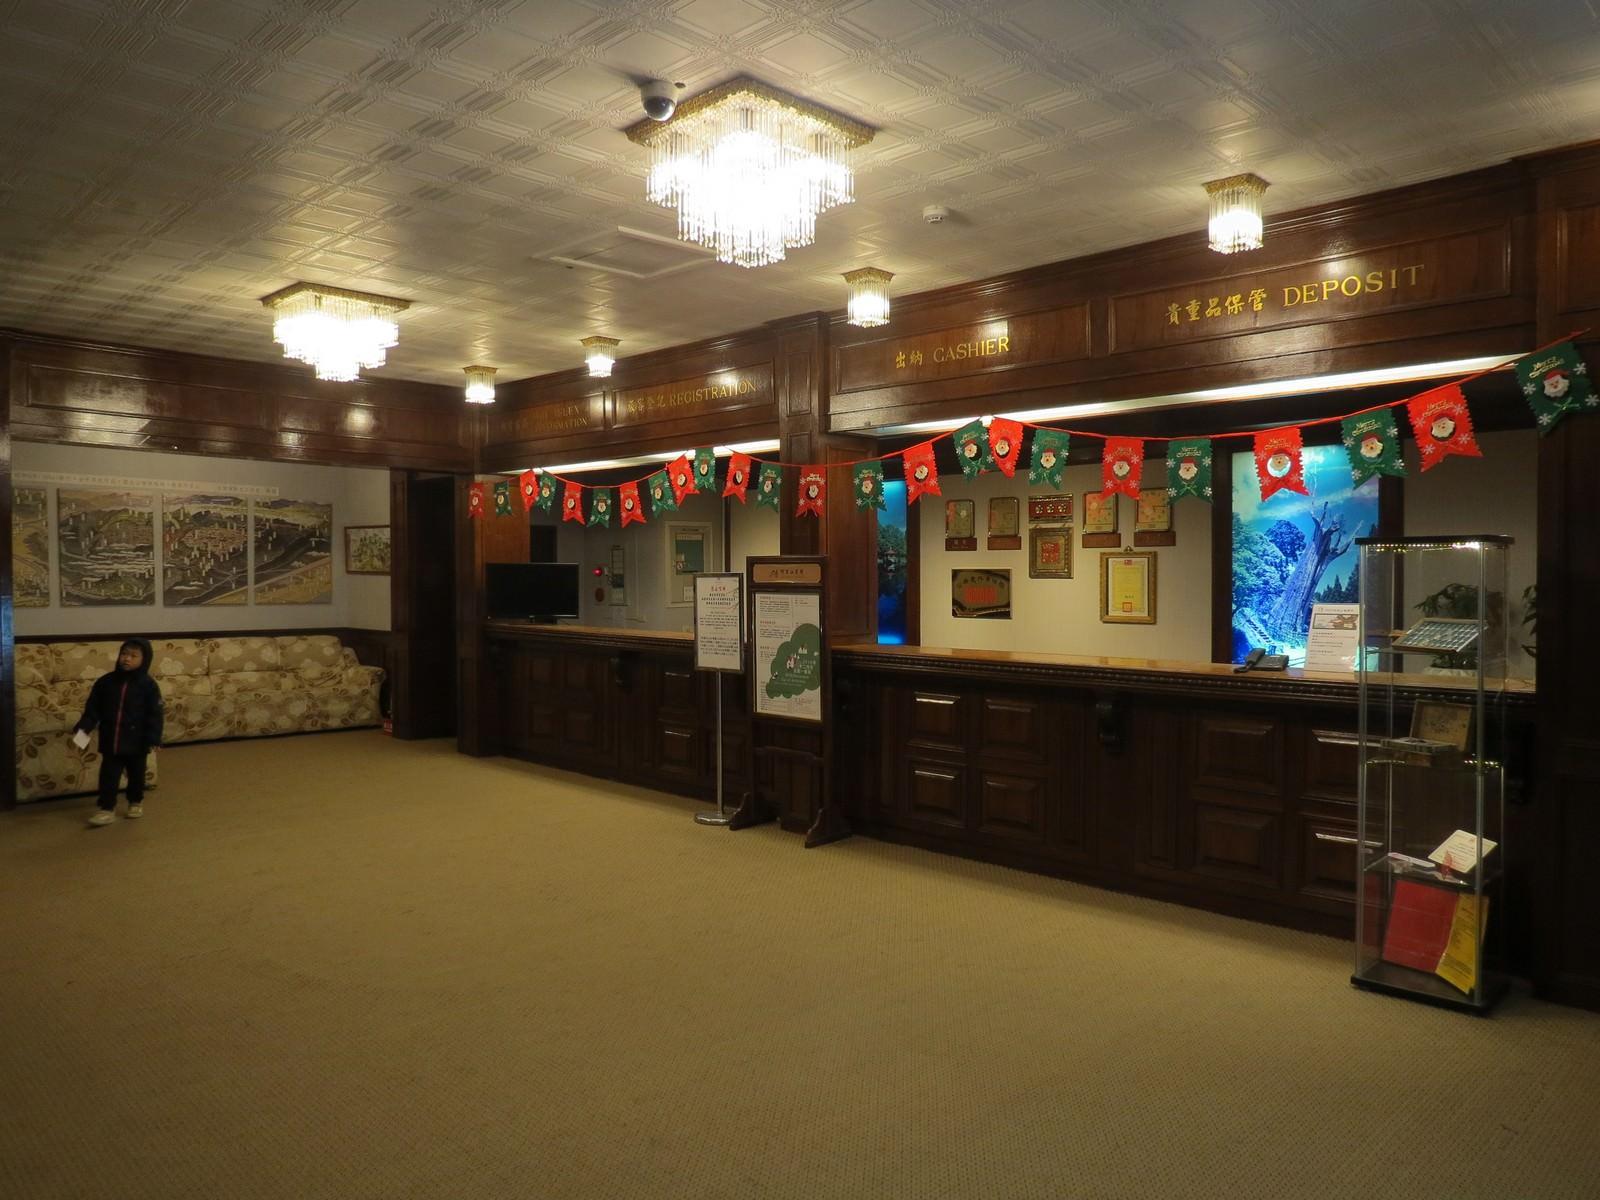 阿里山賓館, 歷史館